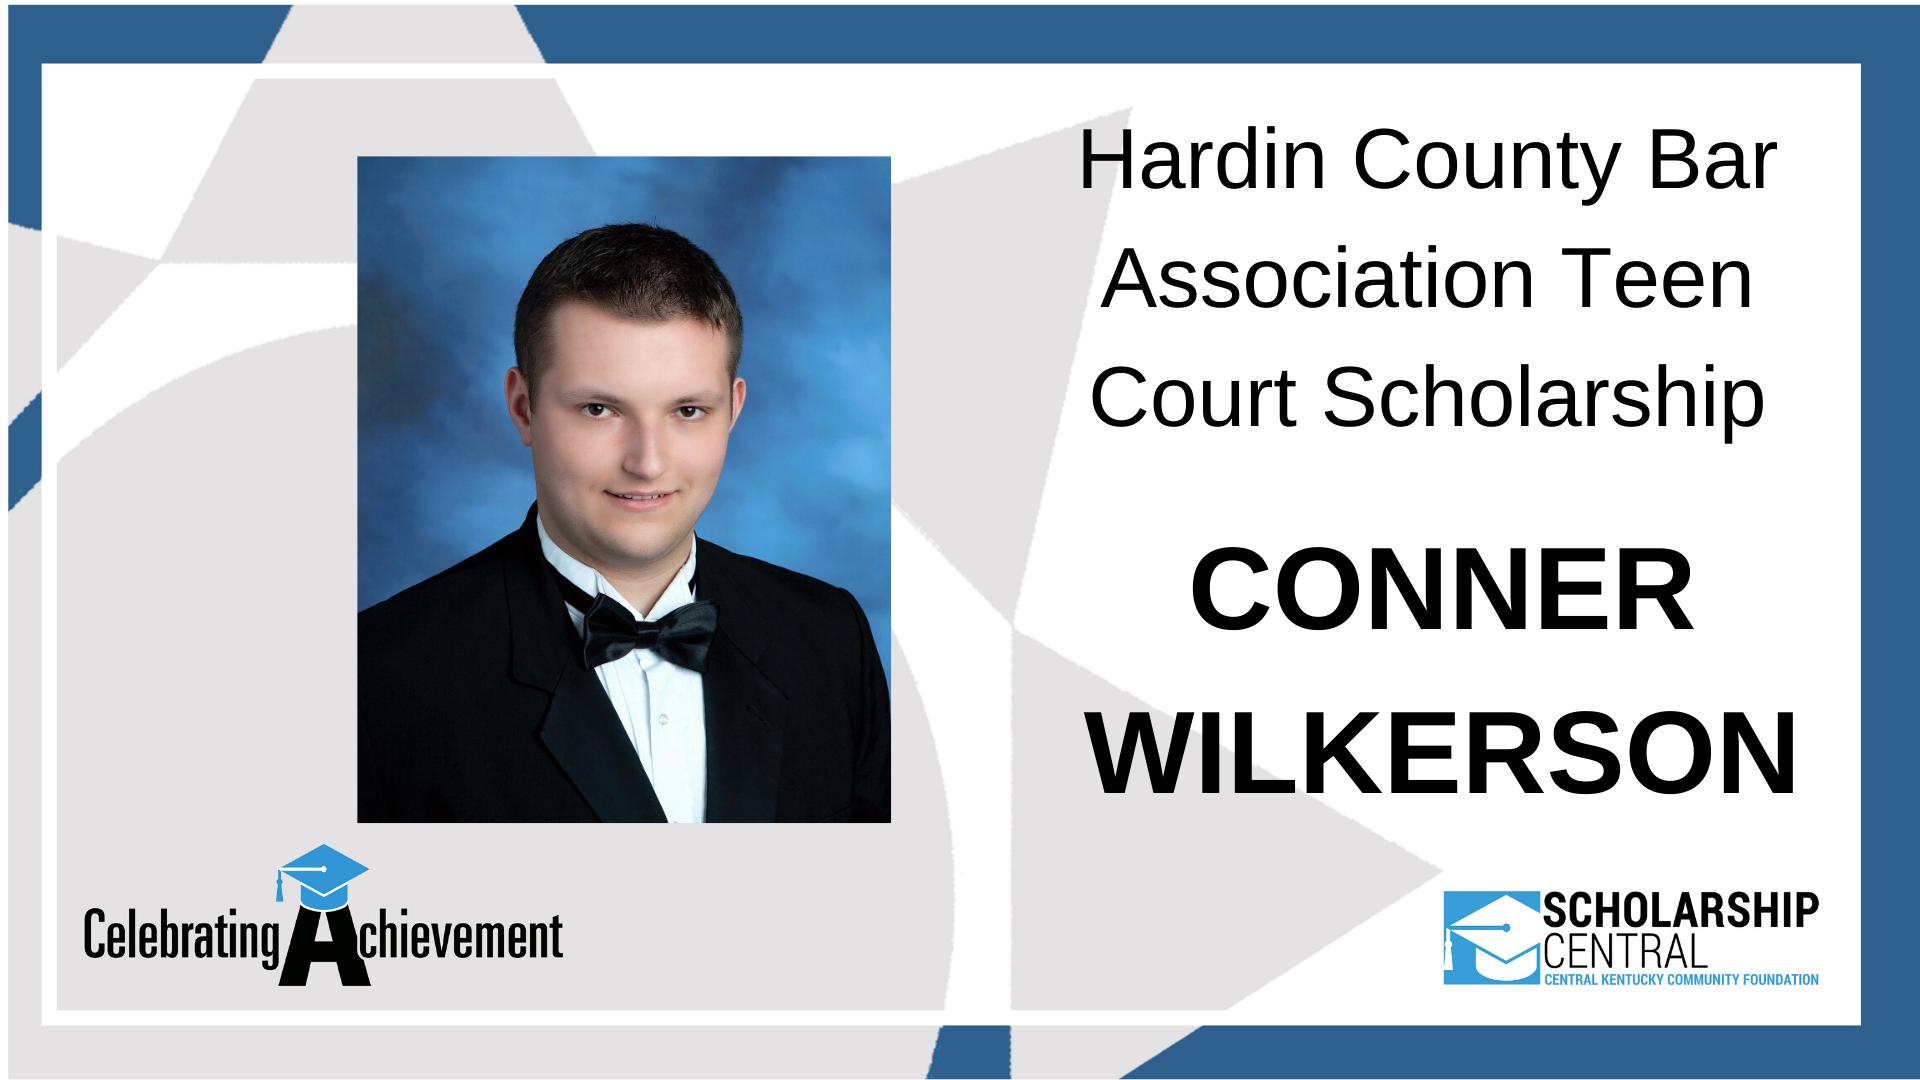 Hardin County Bar Teen Court Scholarship